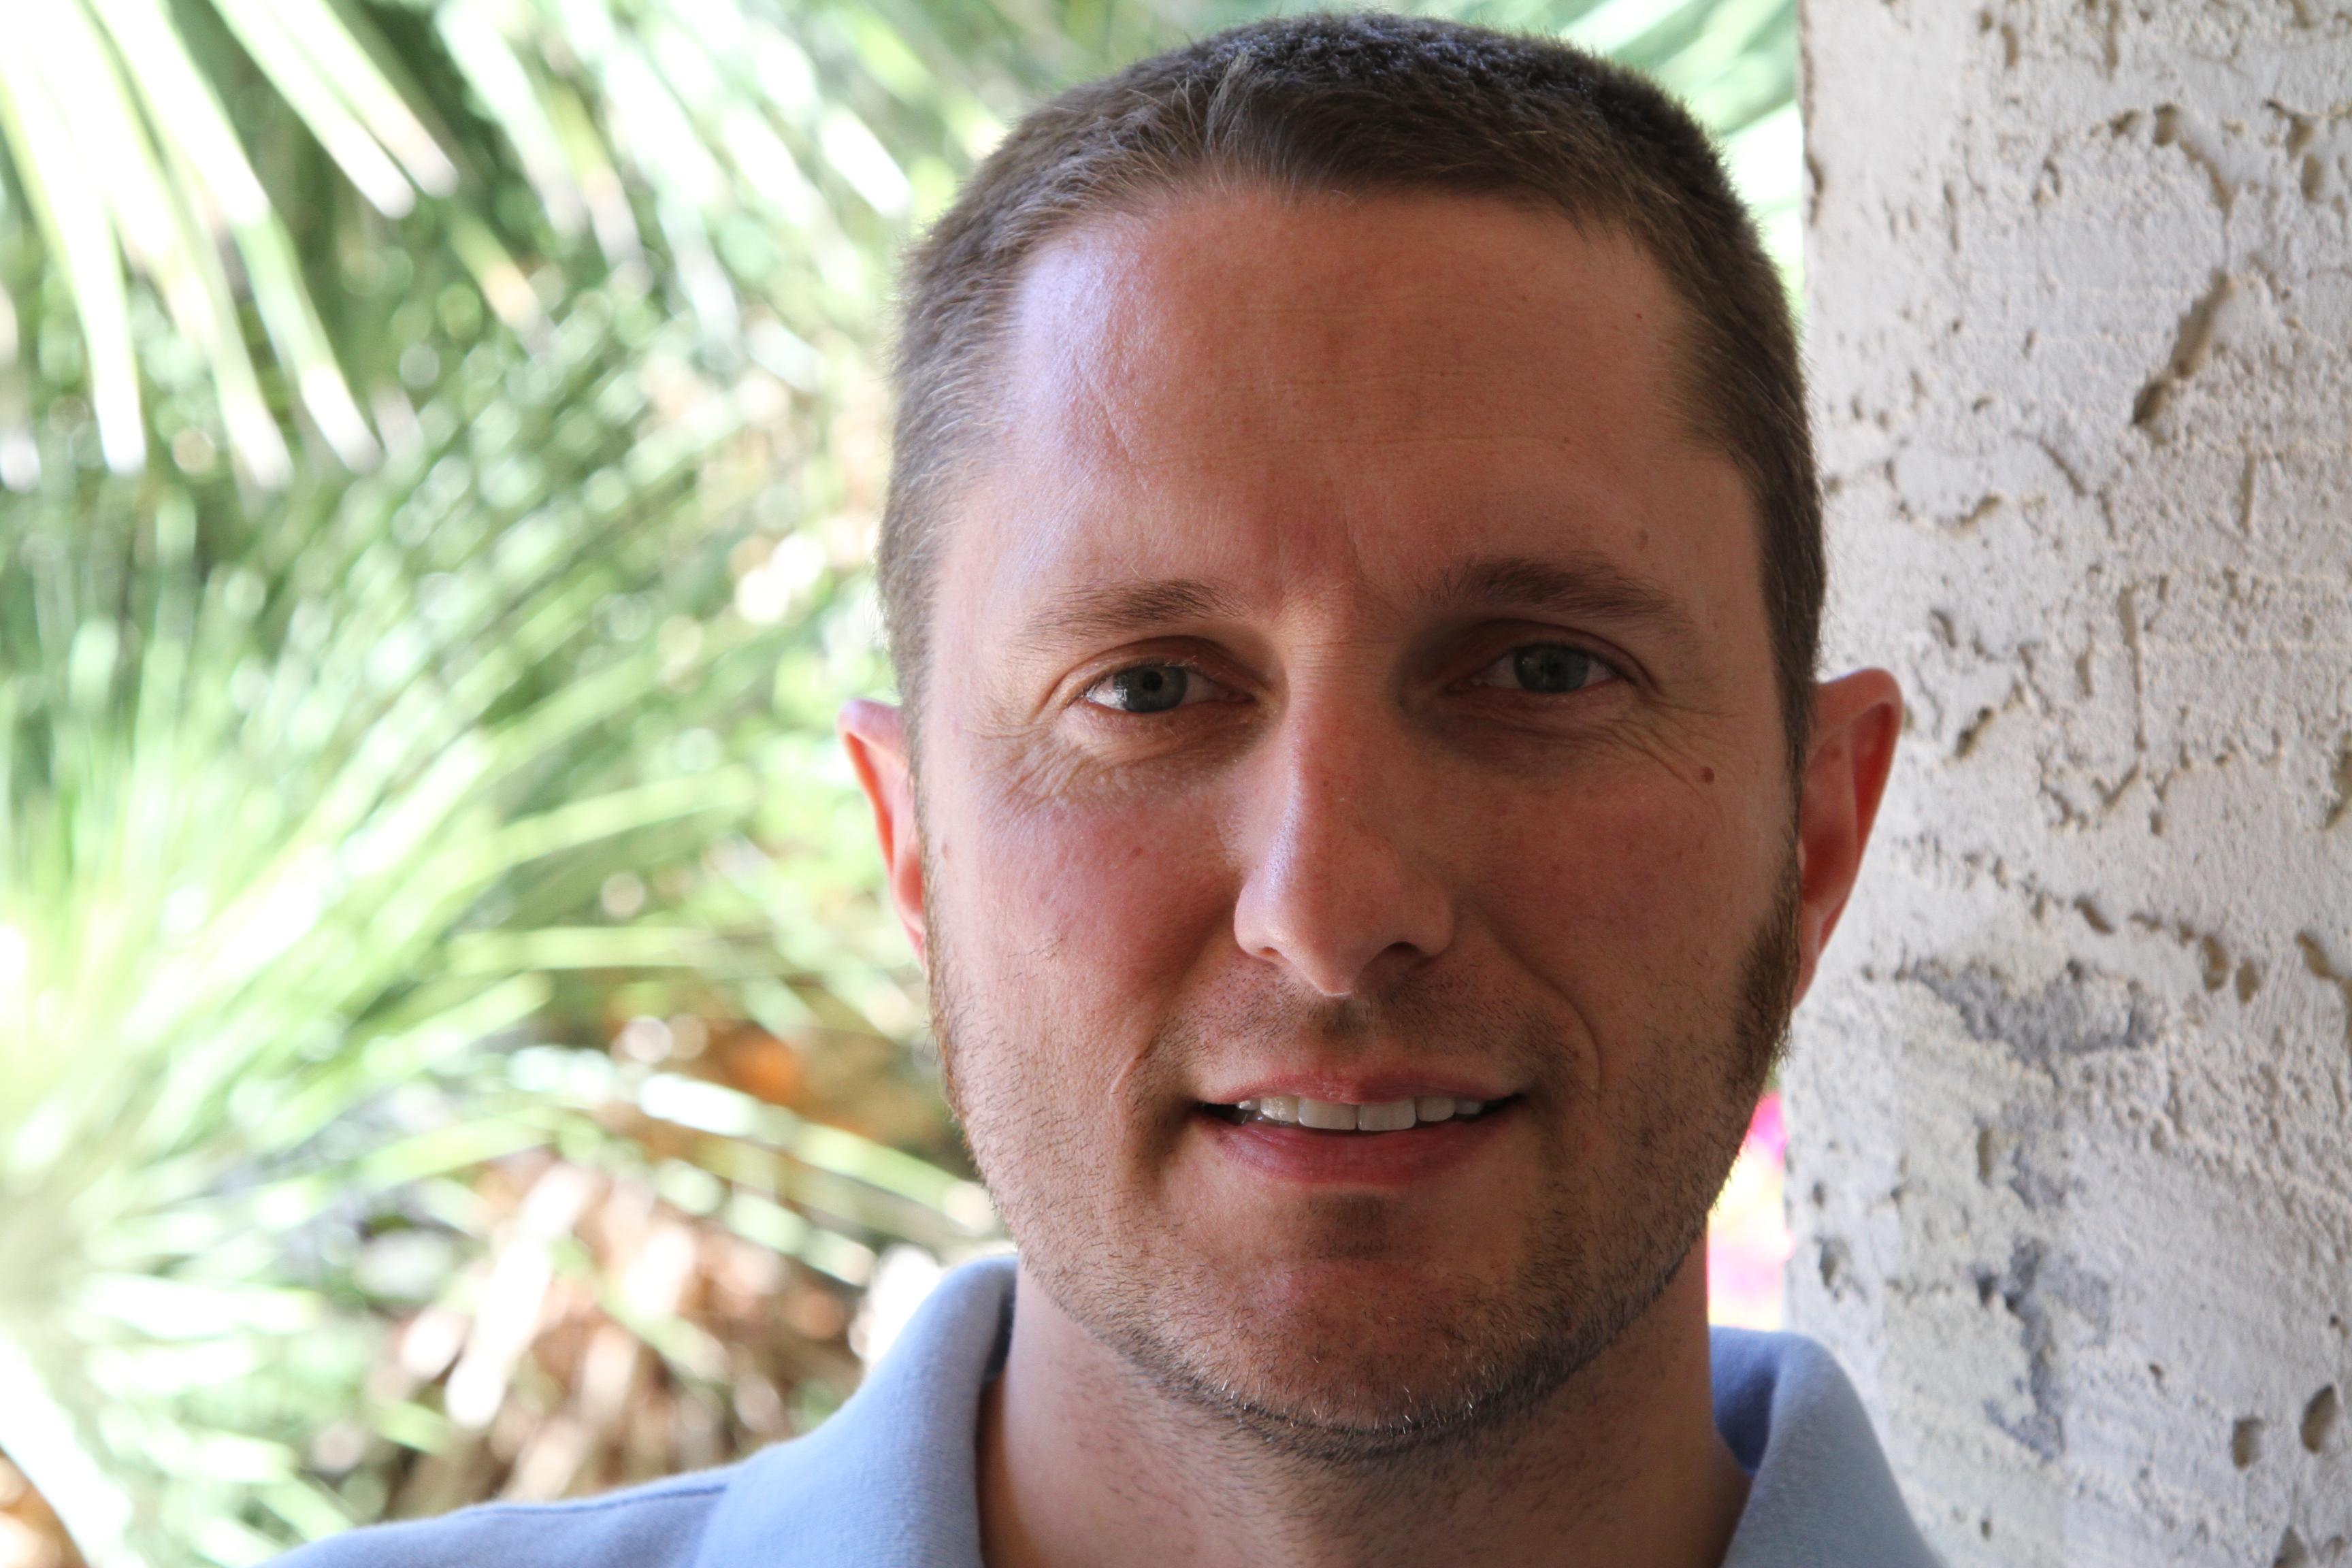 Tim Hilcove